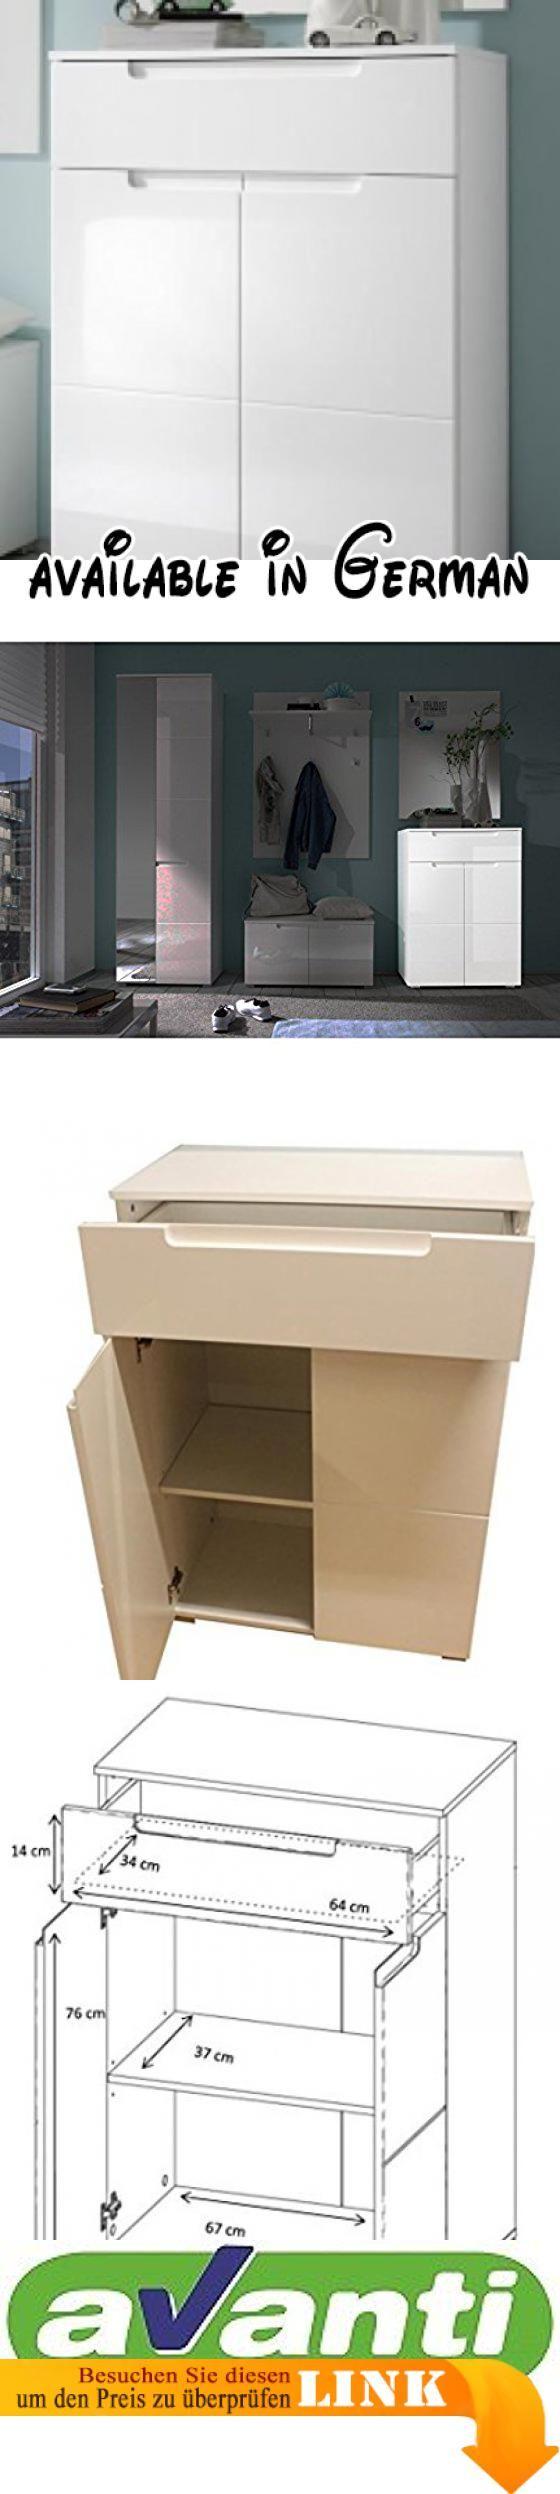 B01M1DVWG6 : AVANTI TRENDSTORE - SPILLA - Schuhkommode mit 1 Schublade und 2 Türen weiß / weiß Hochglanz Dekor ca 70x101x40cm. Avanti Trendstore. Schuhkommode: Korpus: weiß Front: weiß Hochglanz Dekor. Ausstattung: 1 Schublade 2 Türen mit einem Einlegeboden. Versand und Montage: Artikel wird zerlegt geliefert Montageanleitung  Schrauben inklusive. Maße: ca. BHT 70x101x40cm